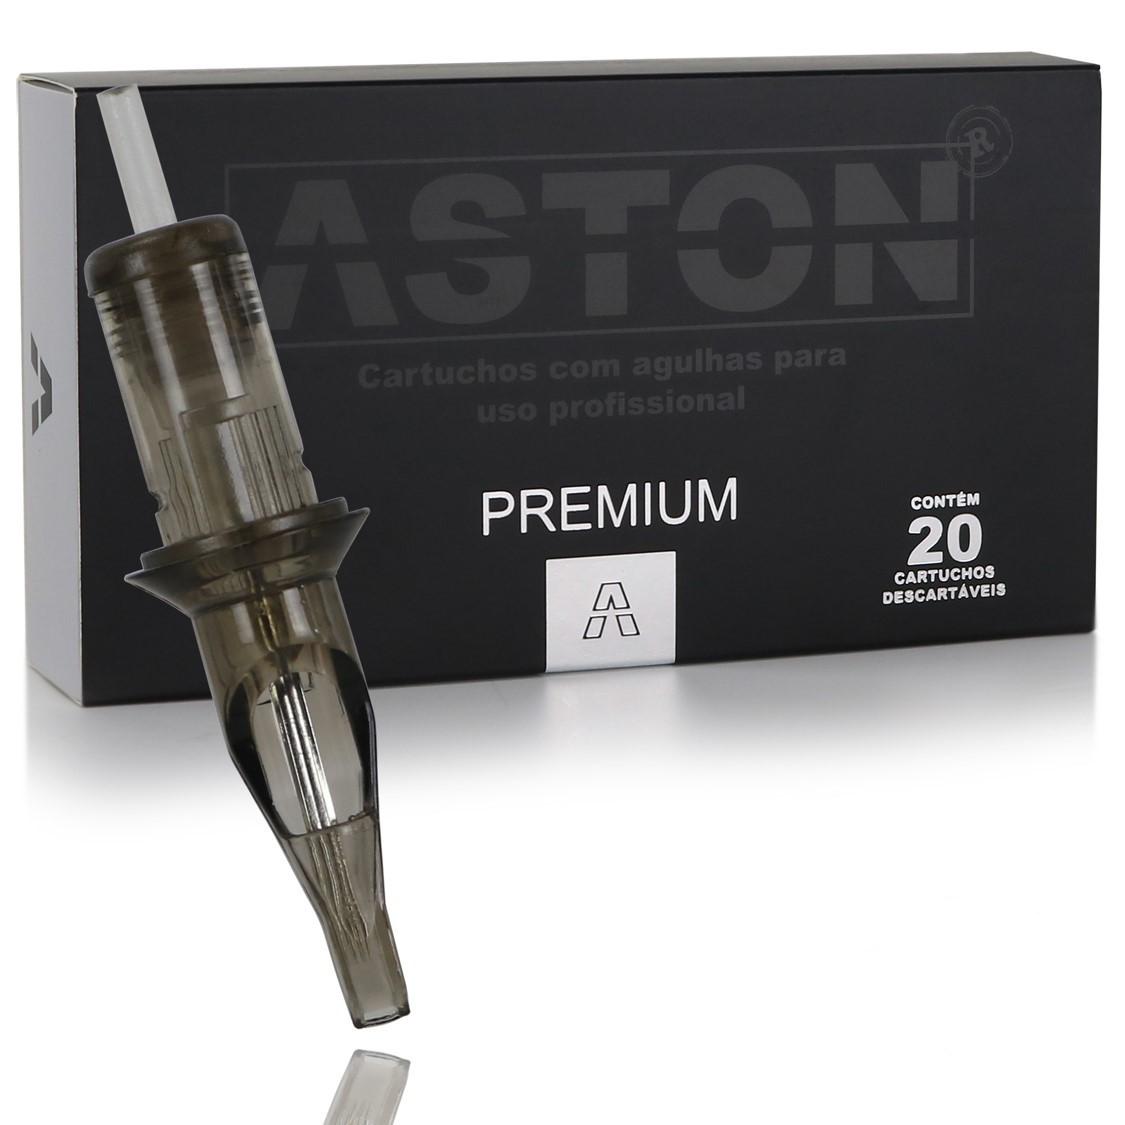 CAIXA CARTUCHO ASTON PREMIUM BUCHA RS (20 UN) - 1015RS